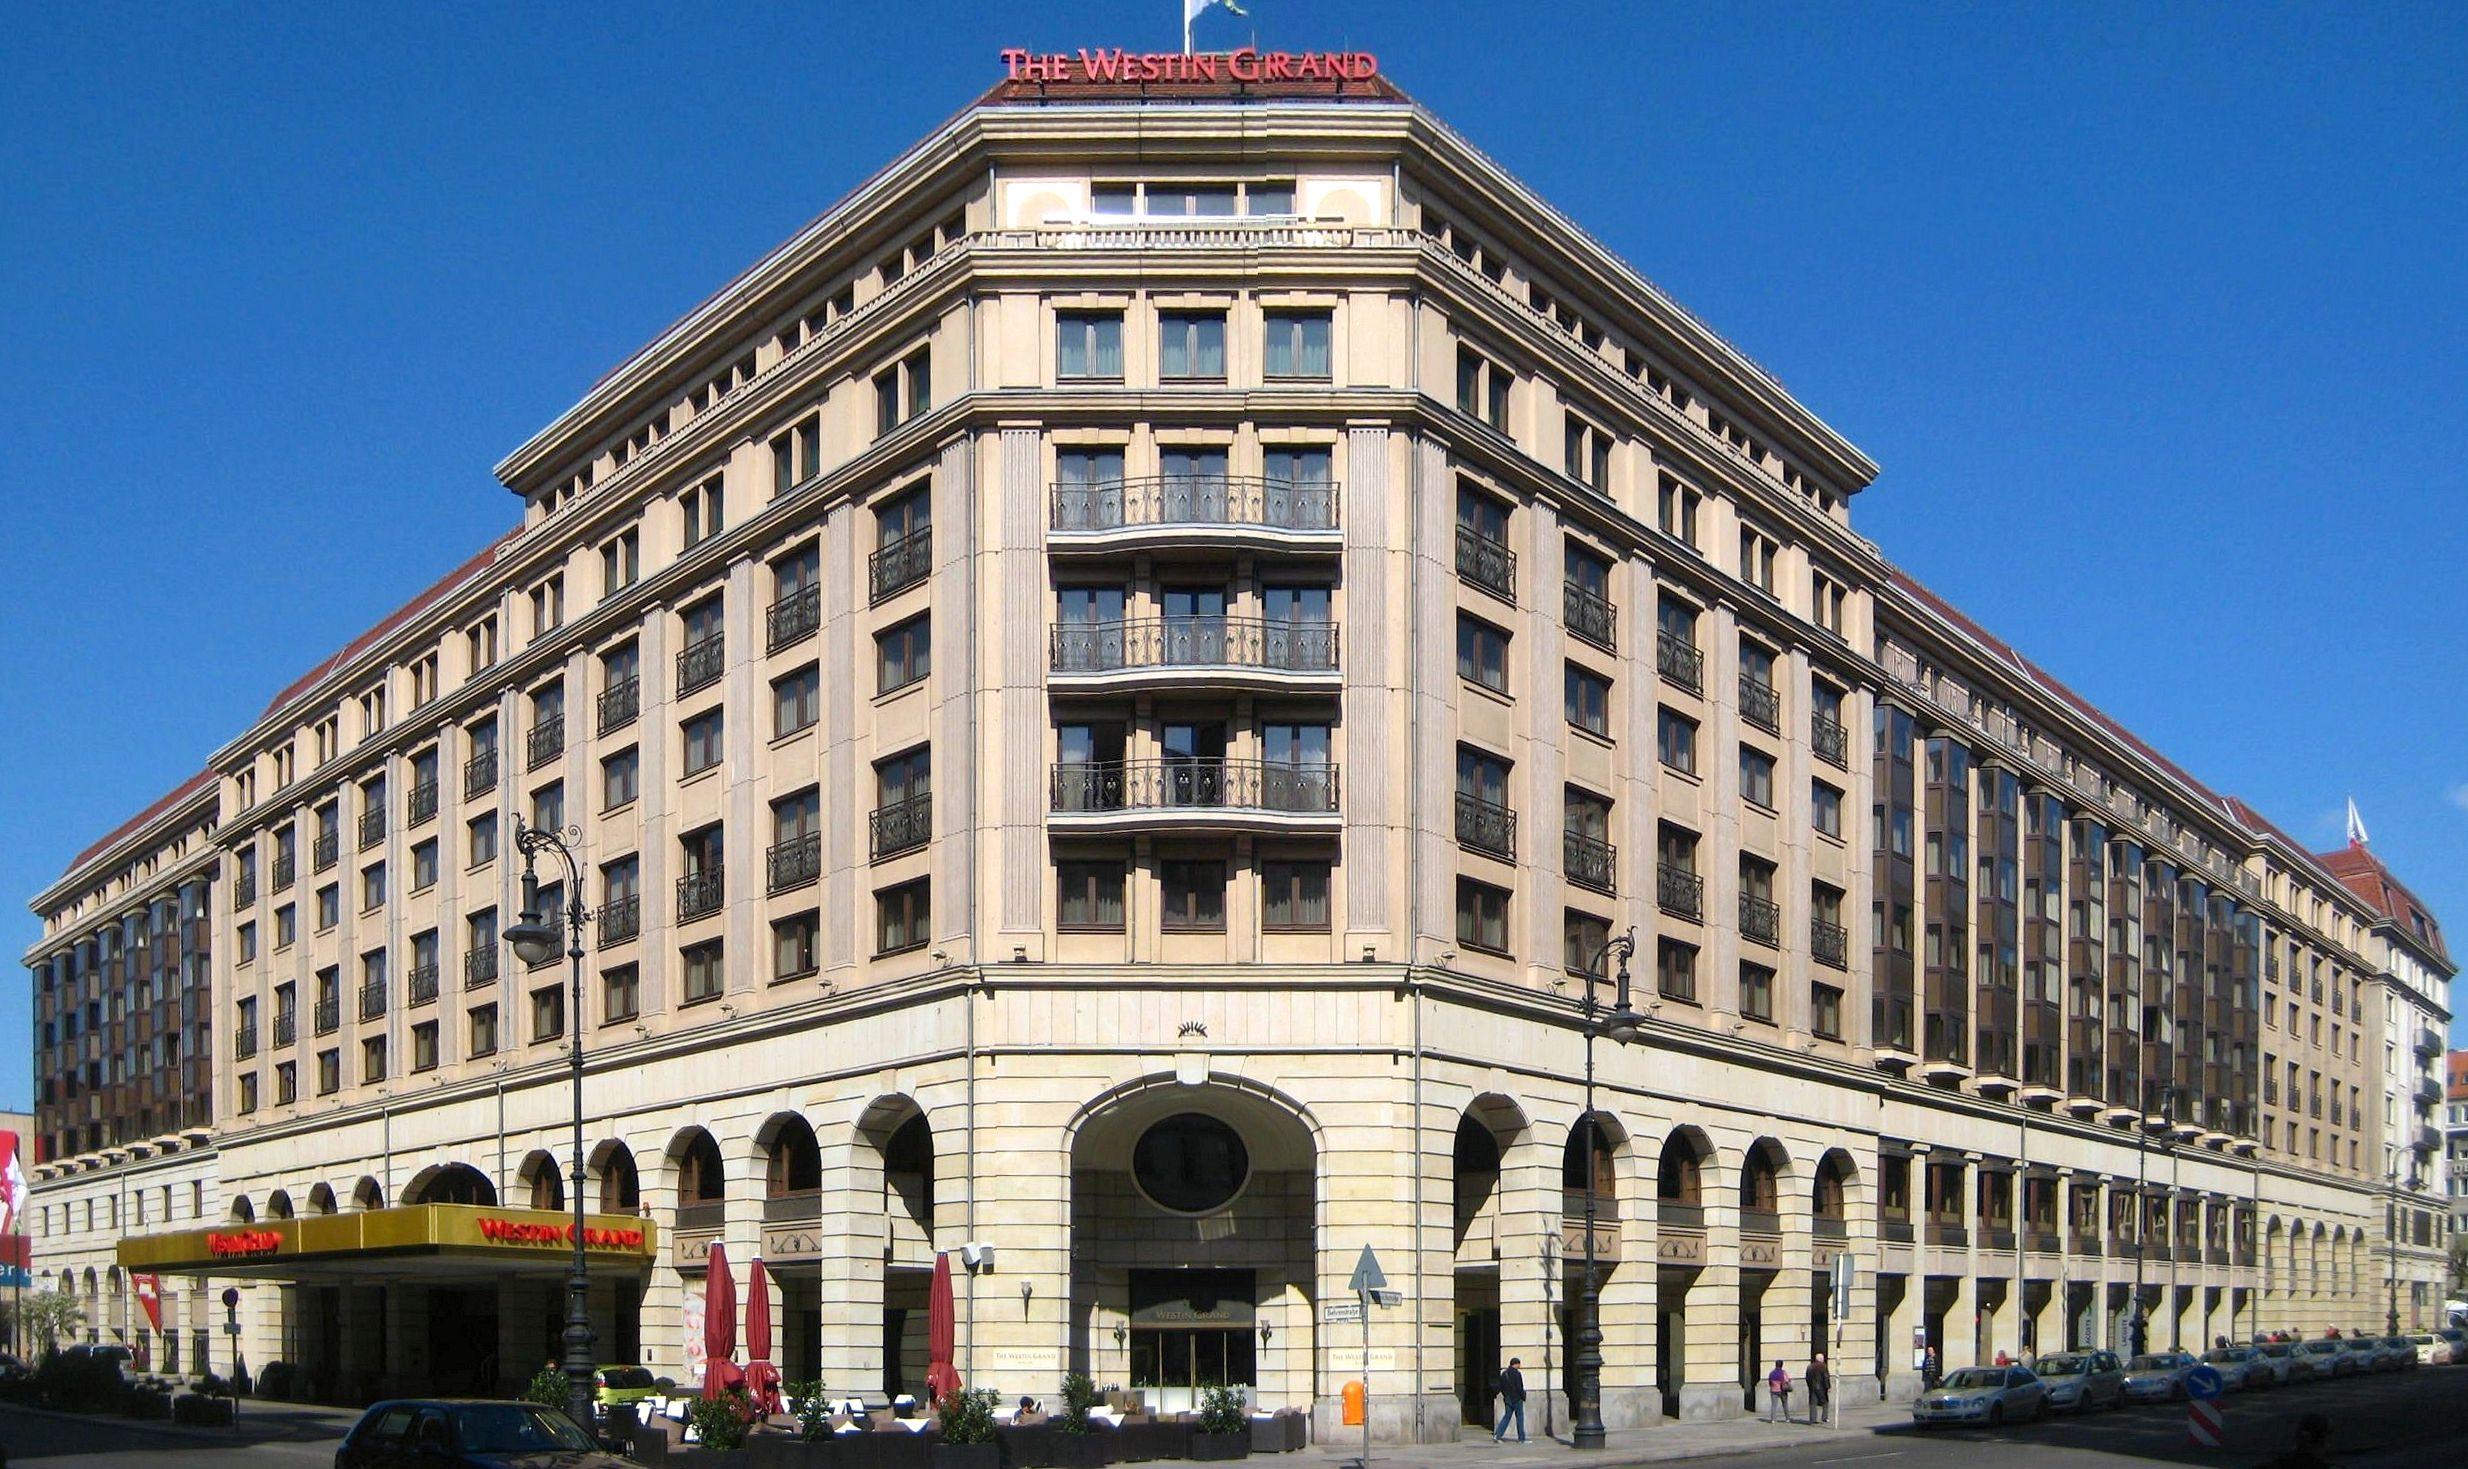 Westin Grand Hotel Berlin Fr Ef Bf Bdhst Ef Bf Bdck